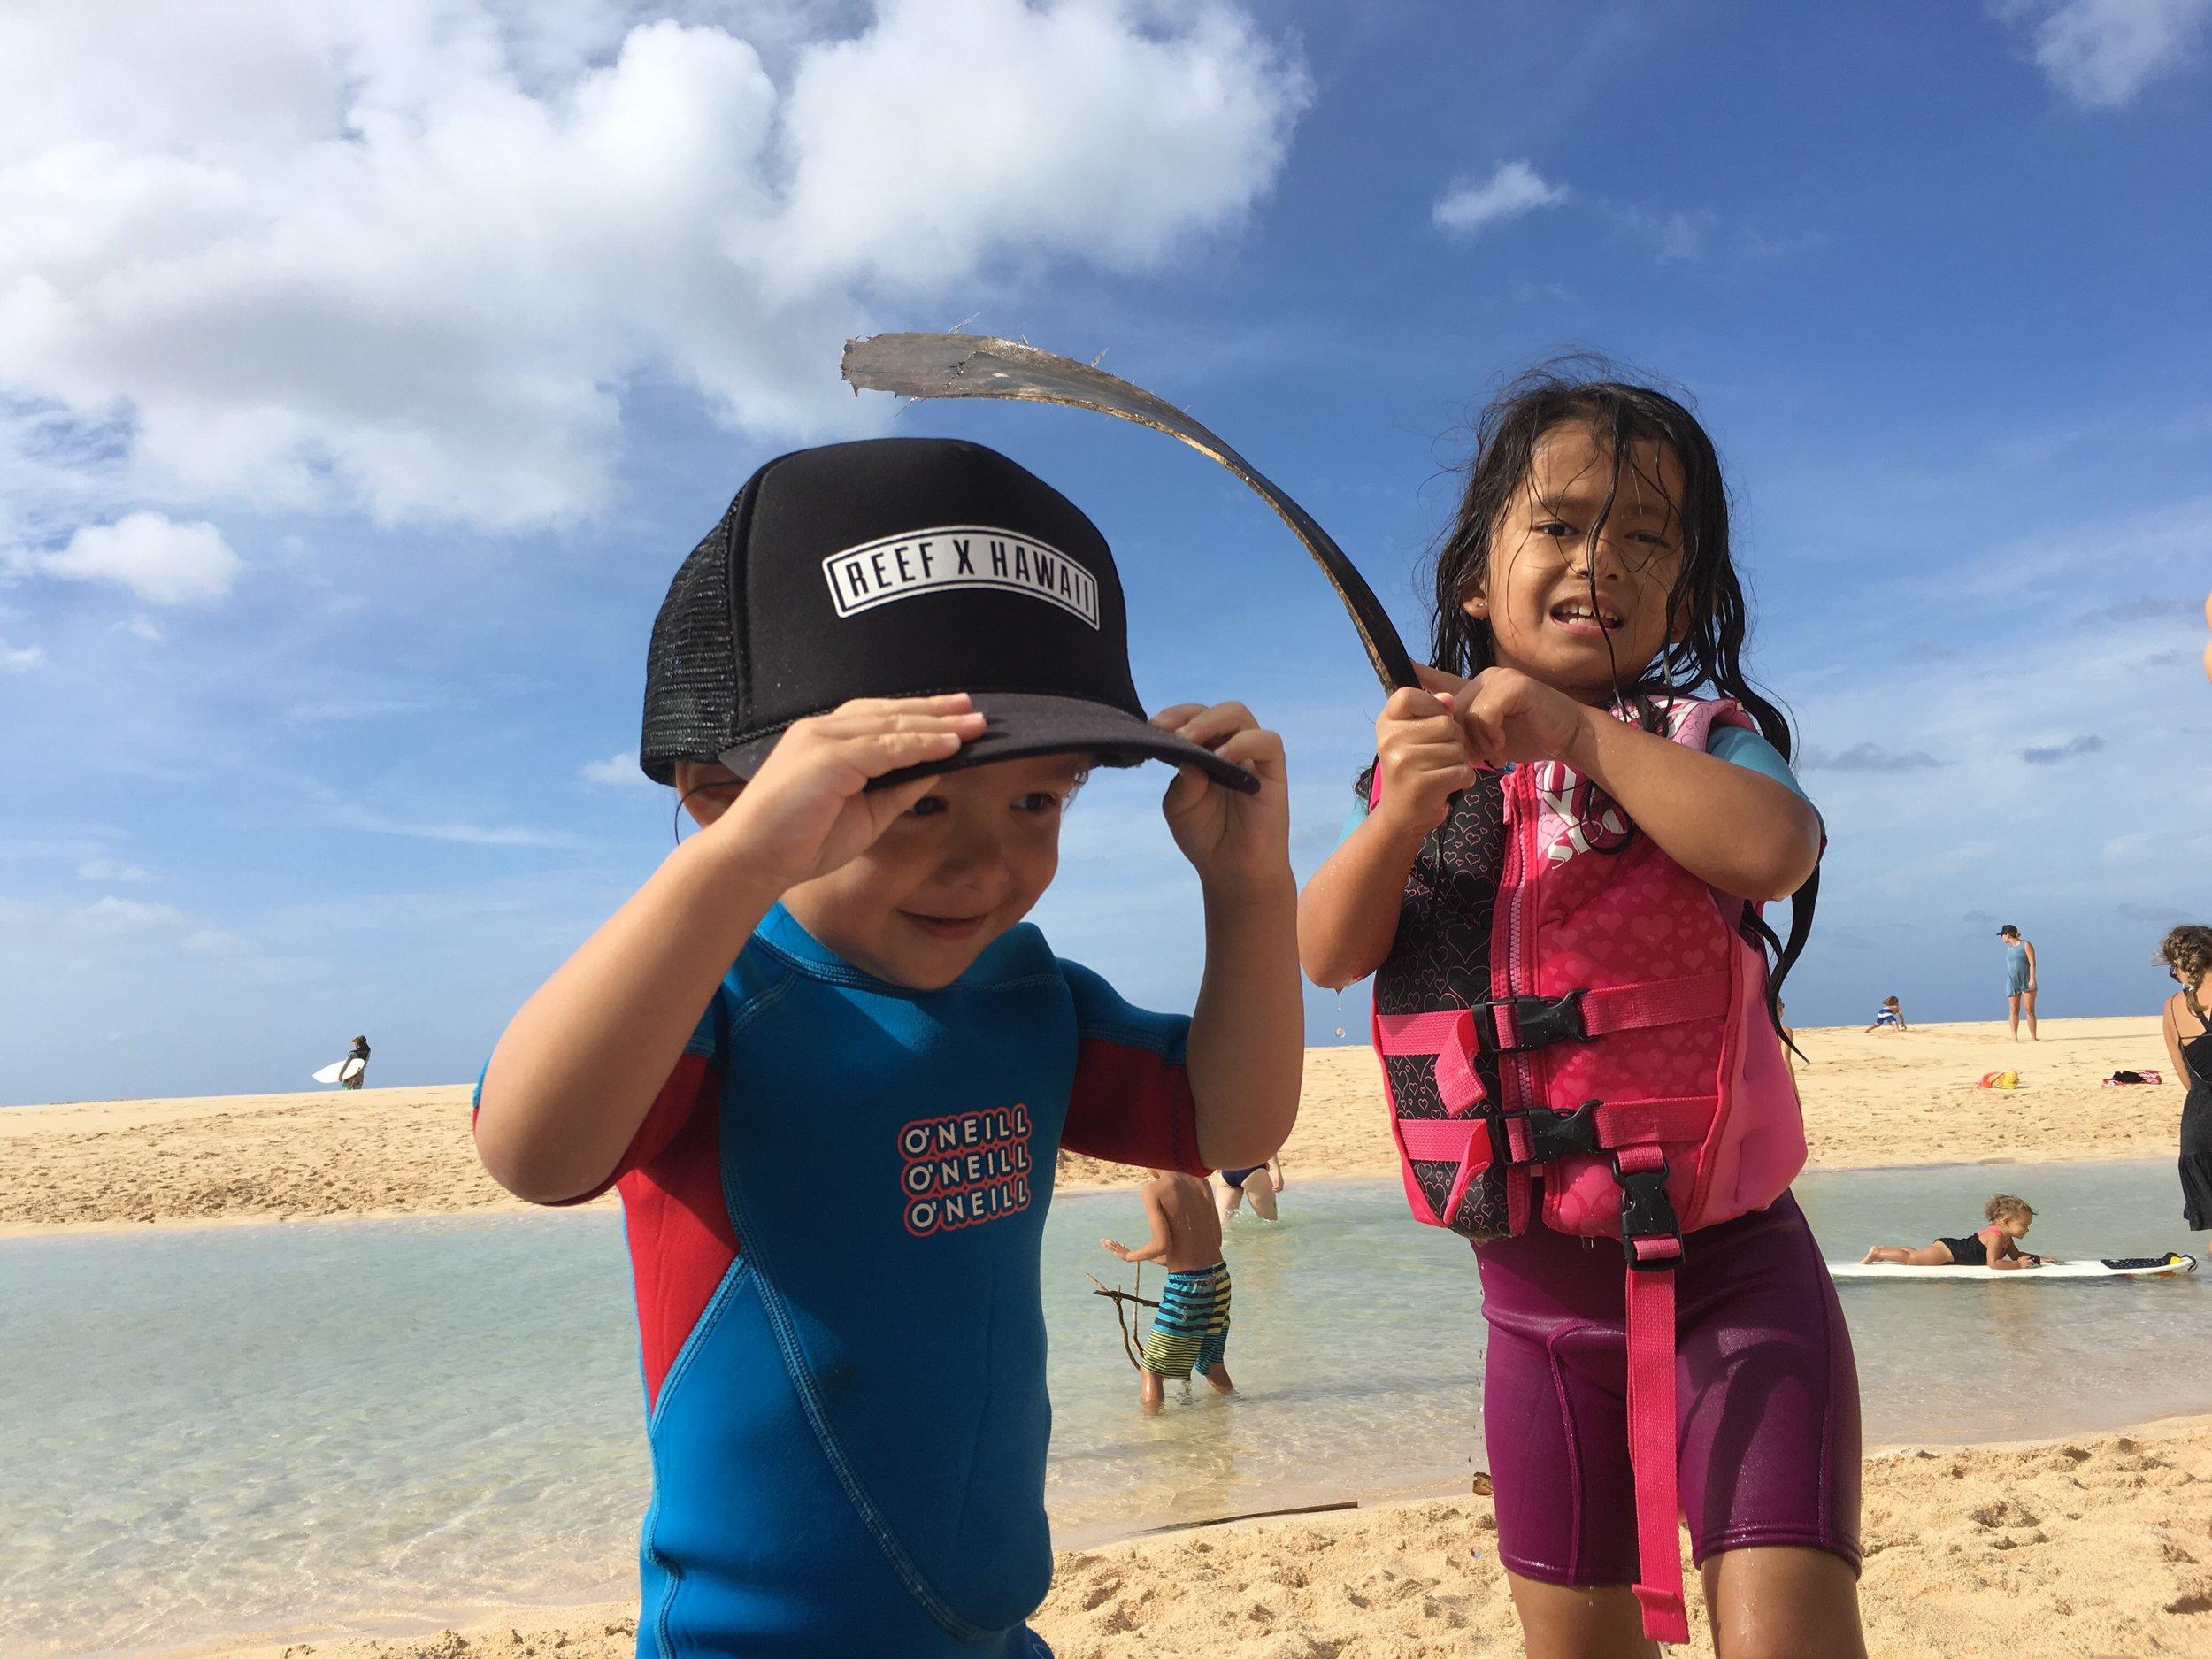 Ethan Ryker and Mila James enjoying the sandbars of winter in Hawaii.